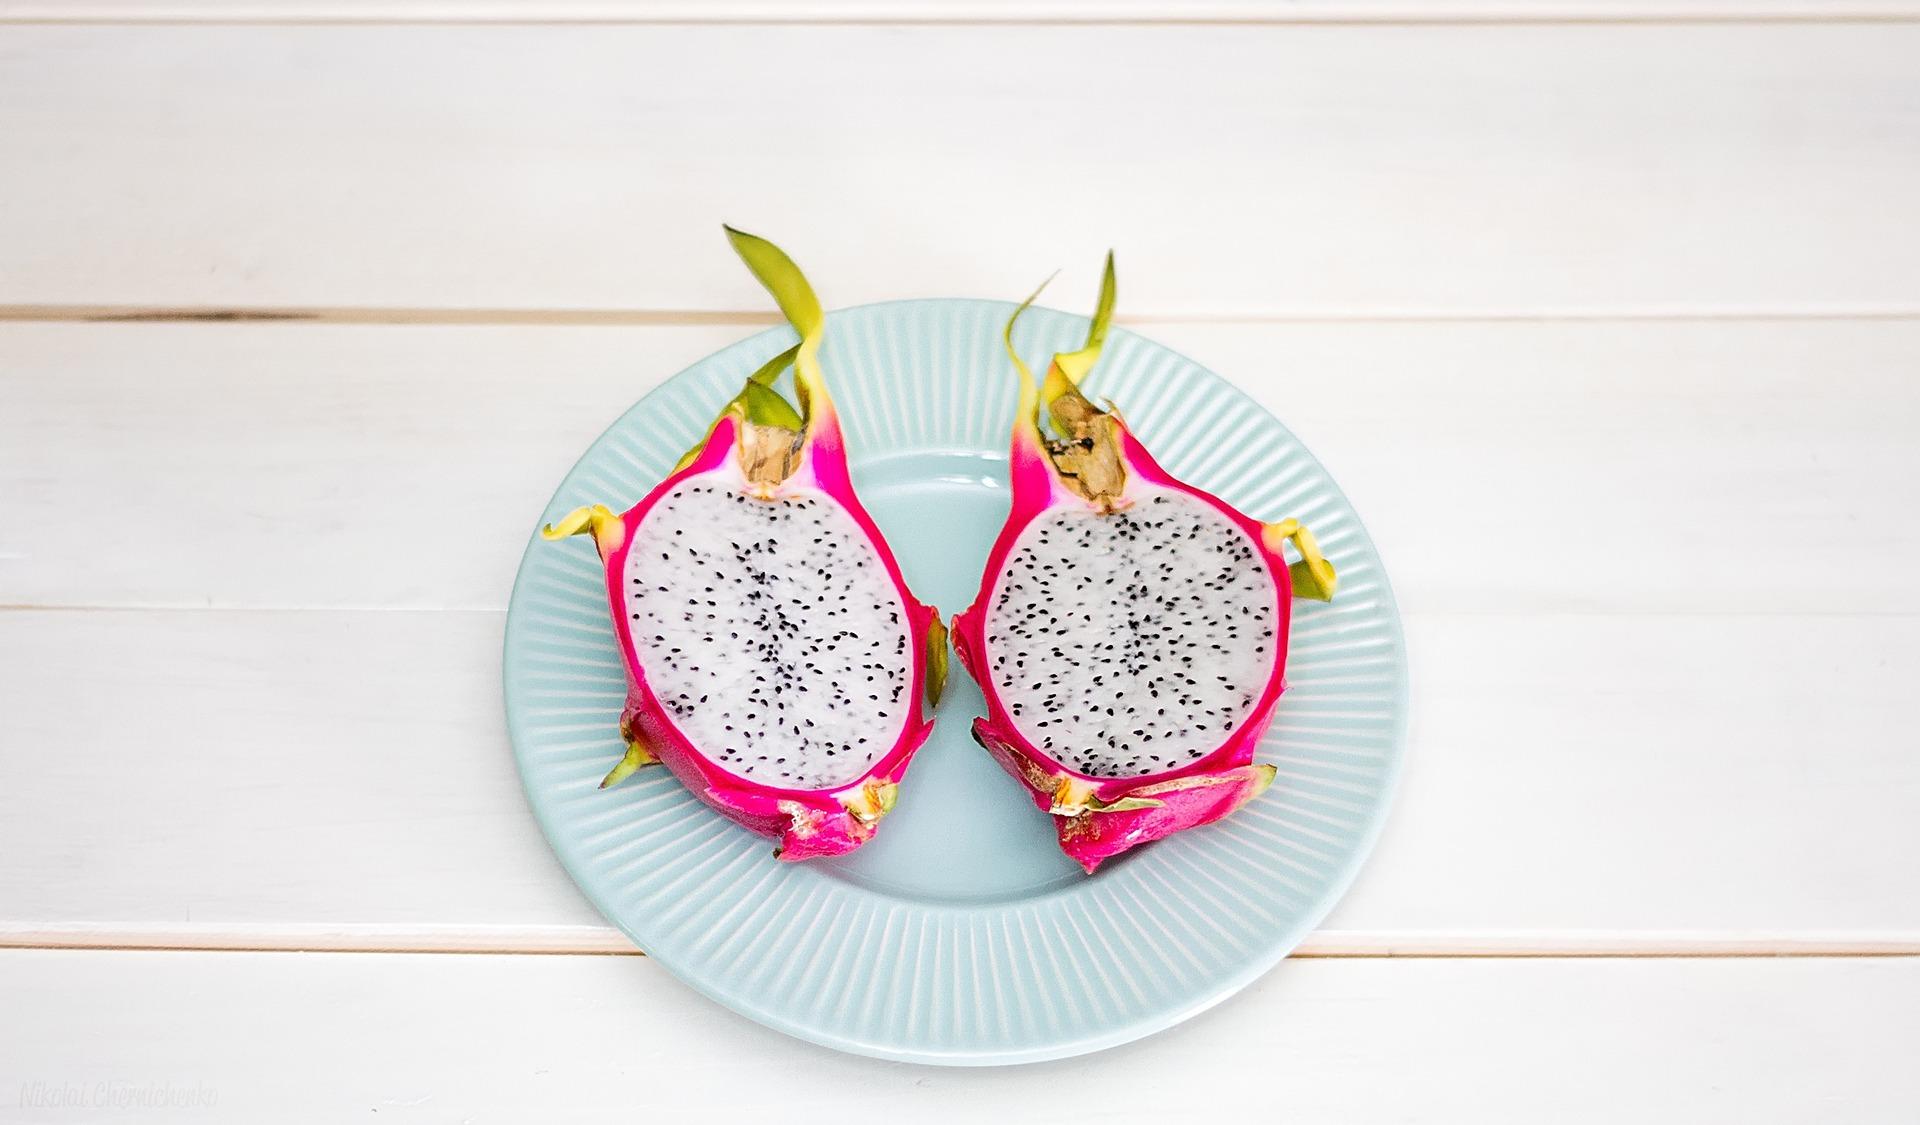 dragon-fruit-1208214_1920